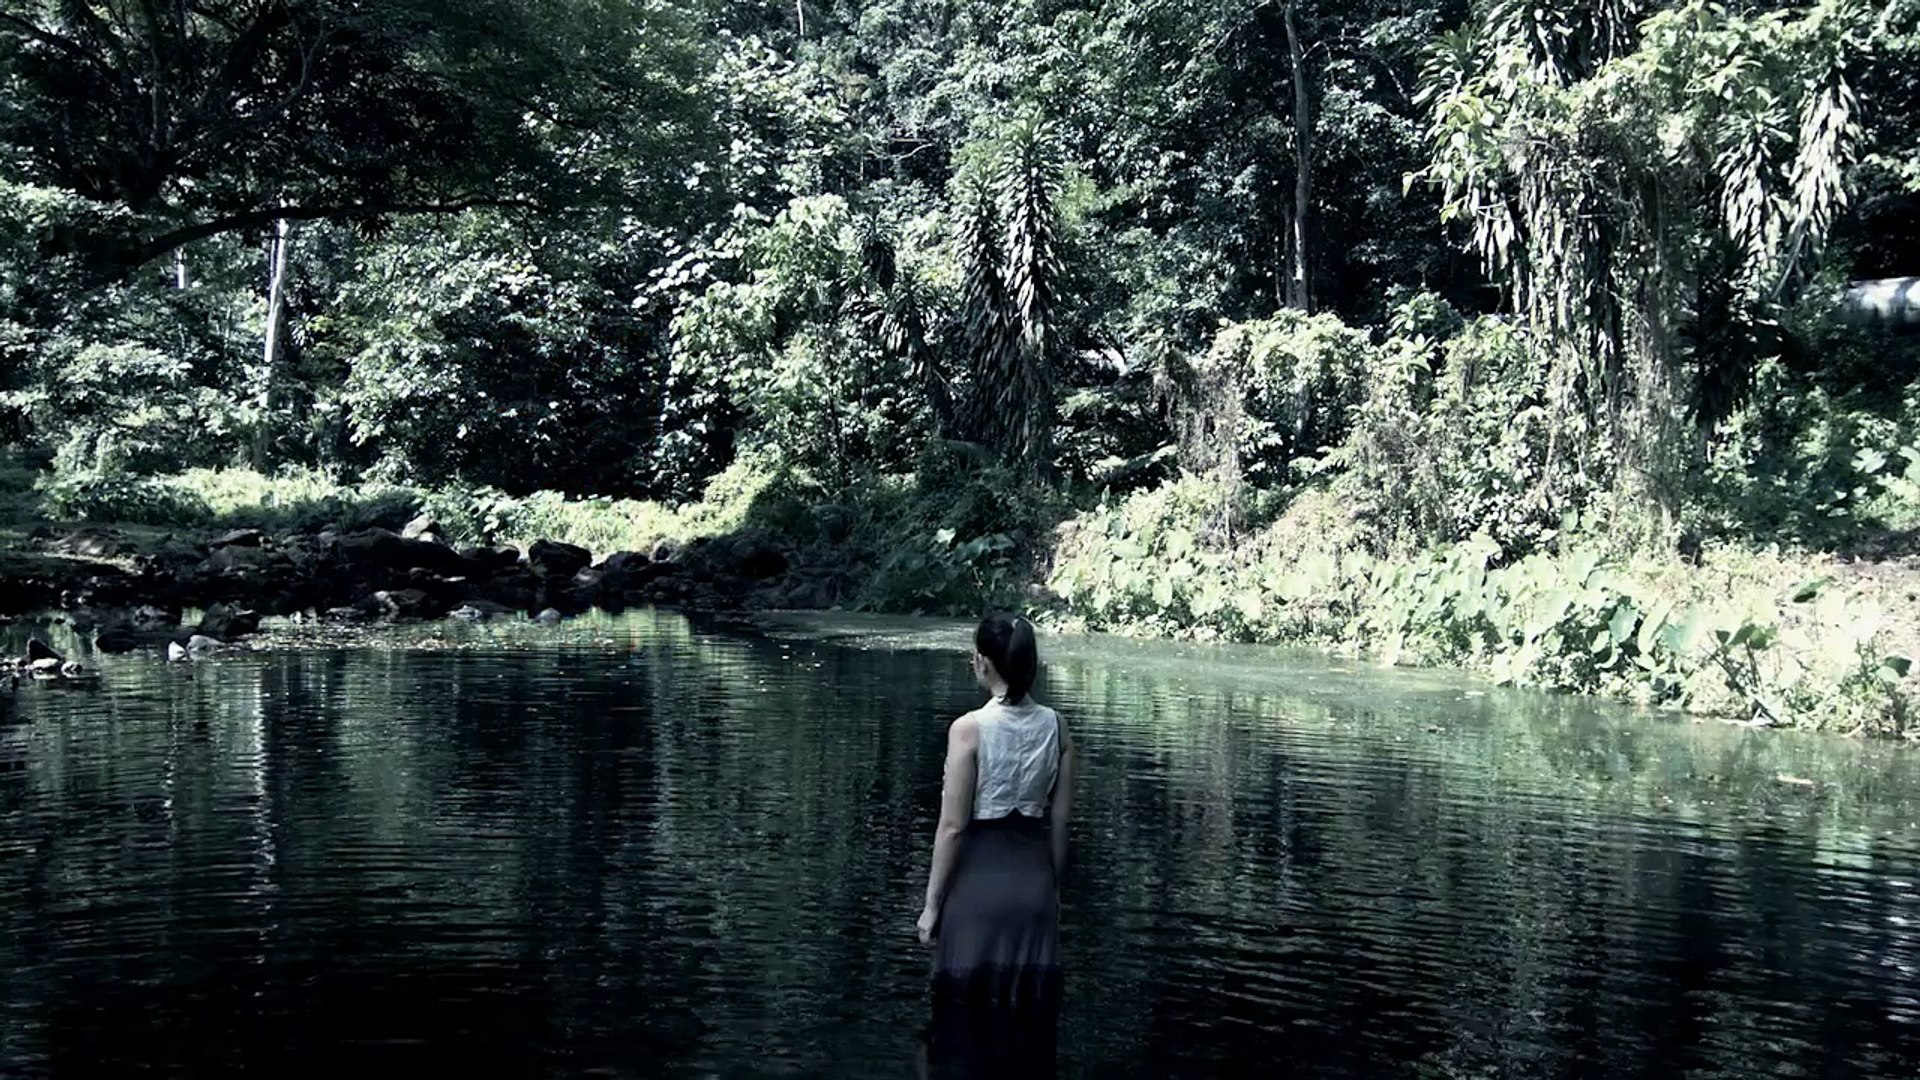 鬼節:三重門 3 Doors of Horrors 2013 [Trailer]